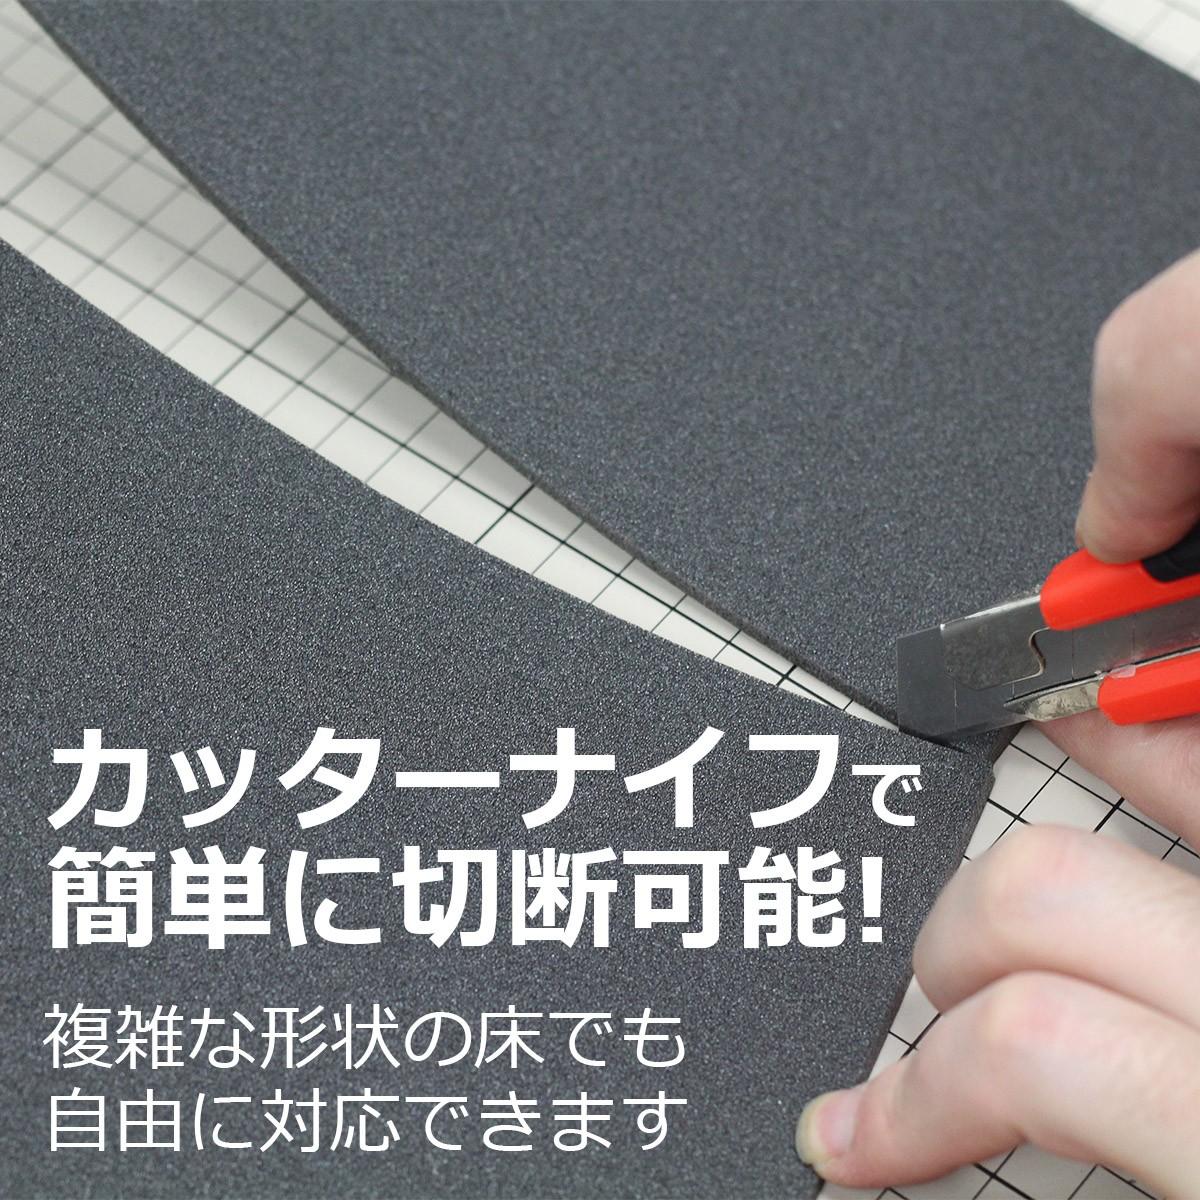 カッターナイフで簡単に切断可能 複雑な形状の床でも自由に対応できます